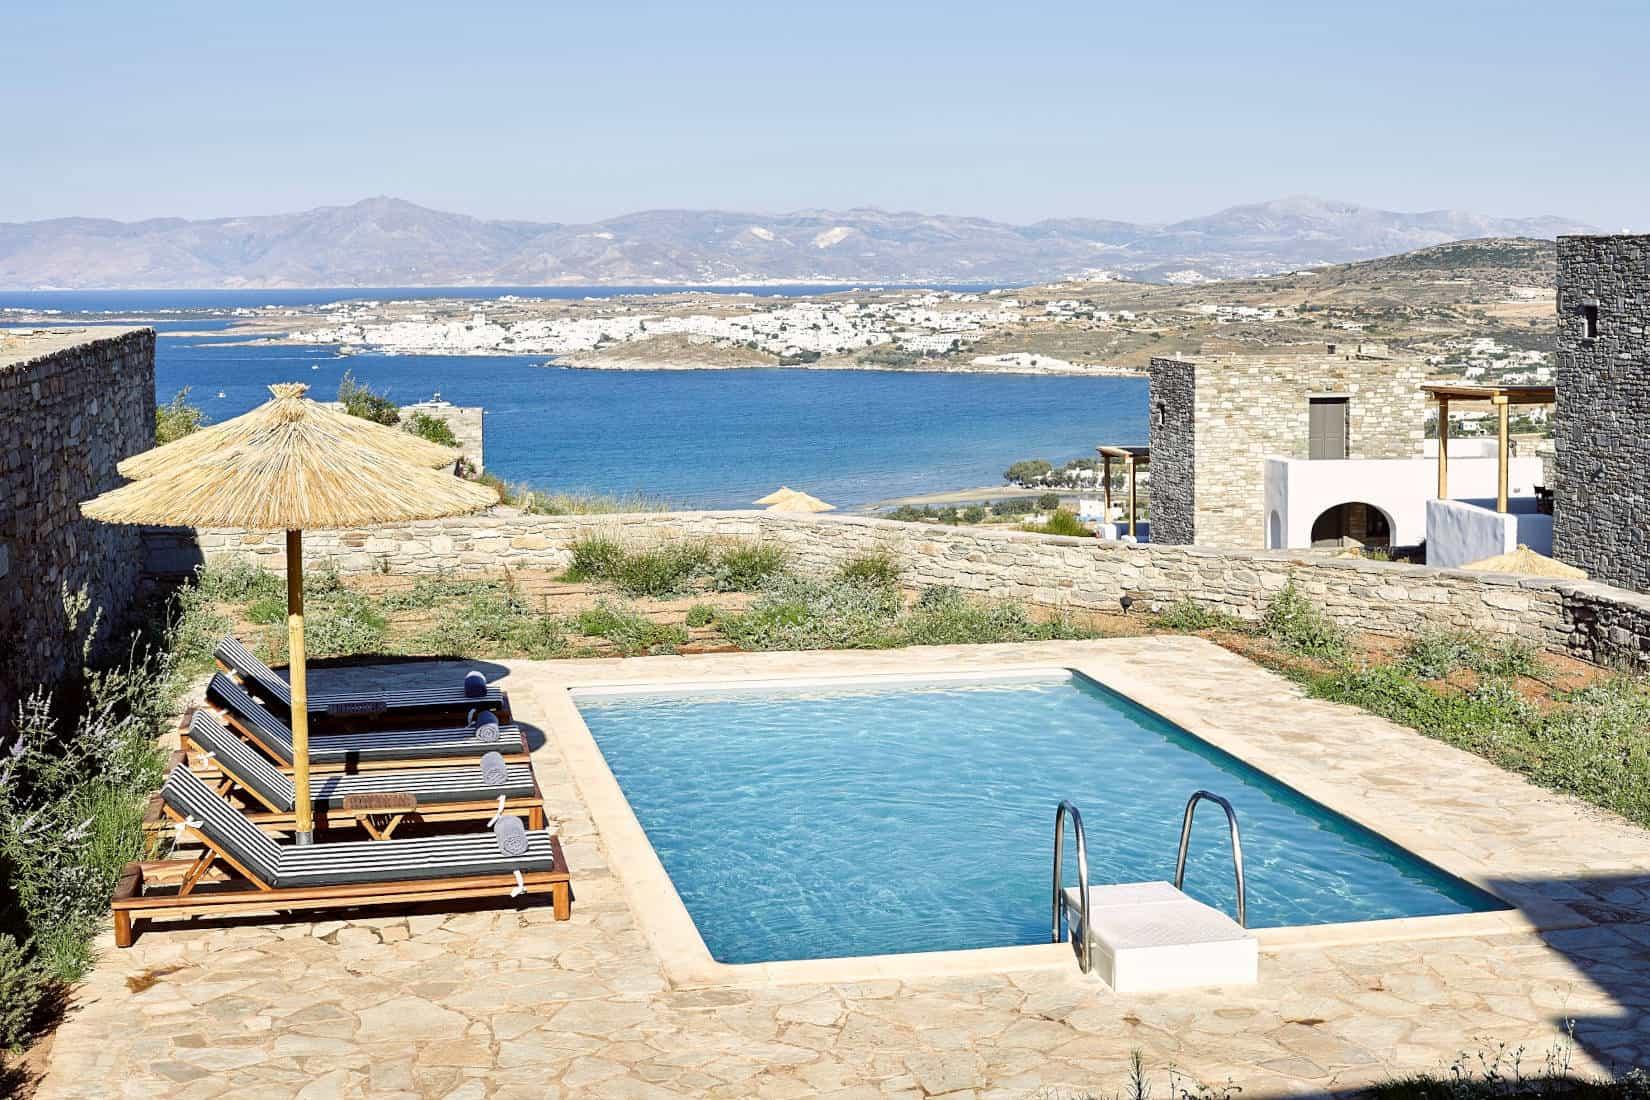 Villa-Trenta-Paros-by-Olive-Villa-Rentals-pool-area